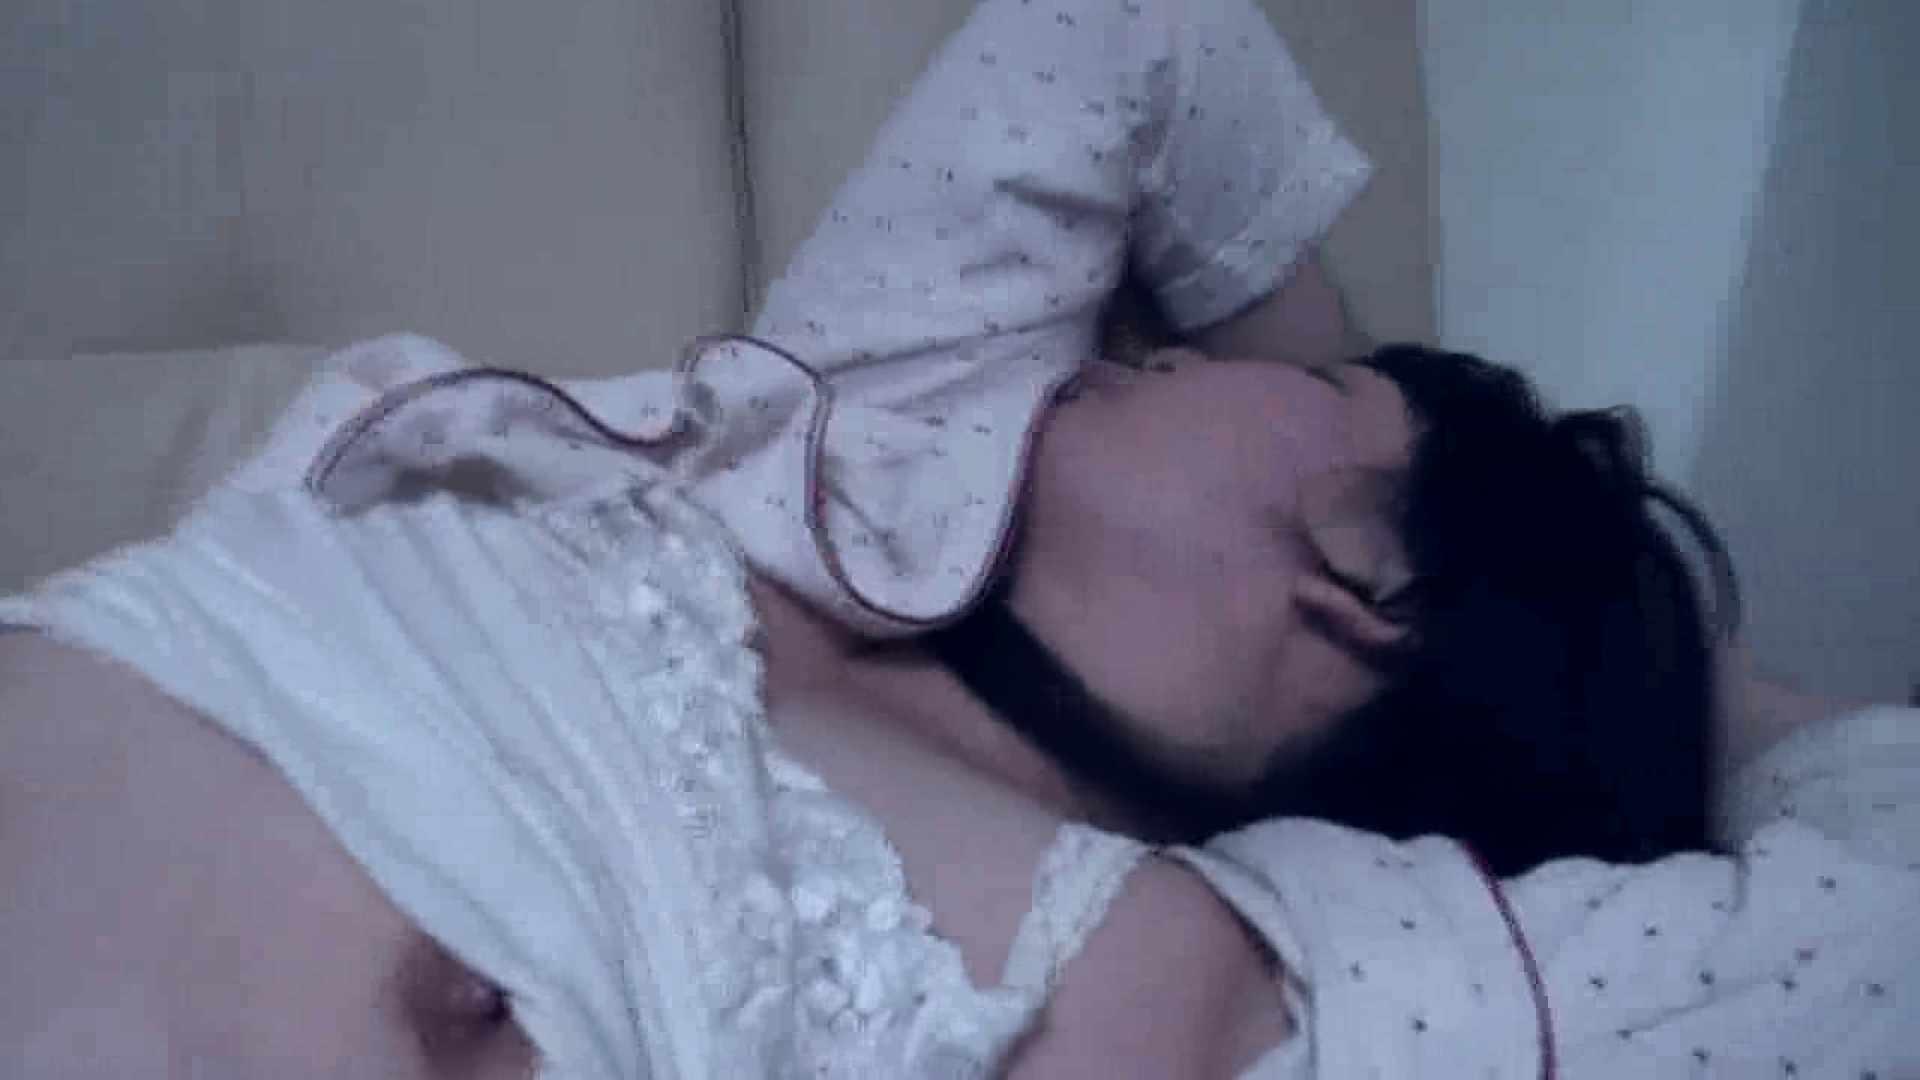 泥酔同級生セックスフレンドさゆりVol.3 マンコ映像 性交動画流出 32連発 14